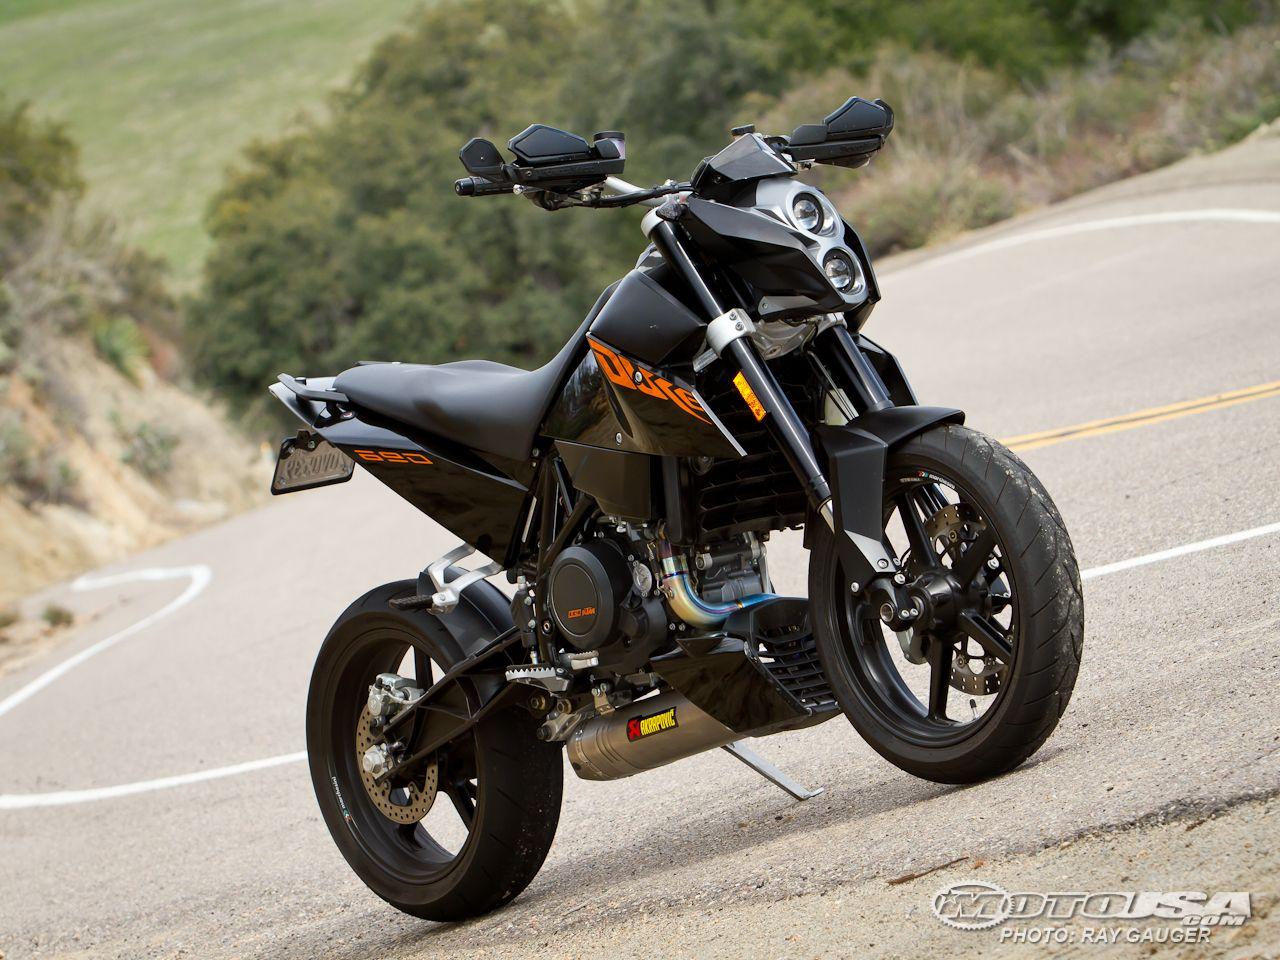 Duke 690 ABS, KTM.